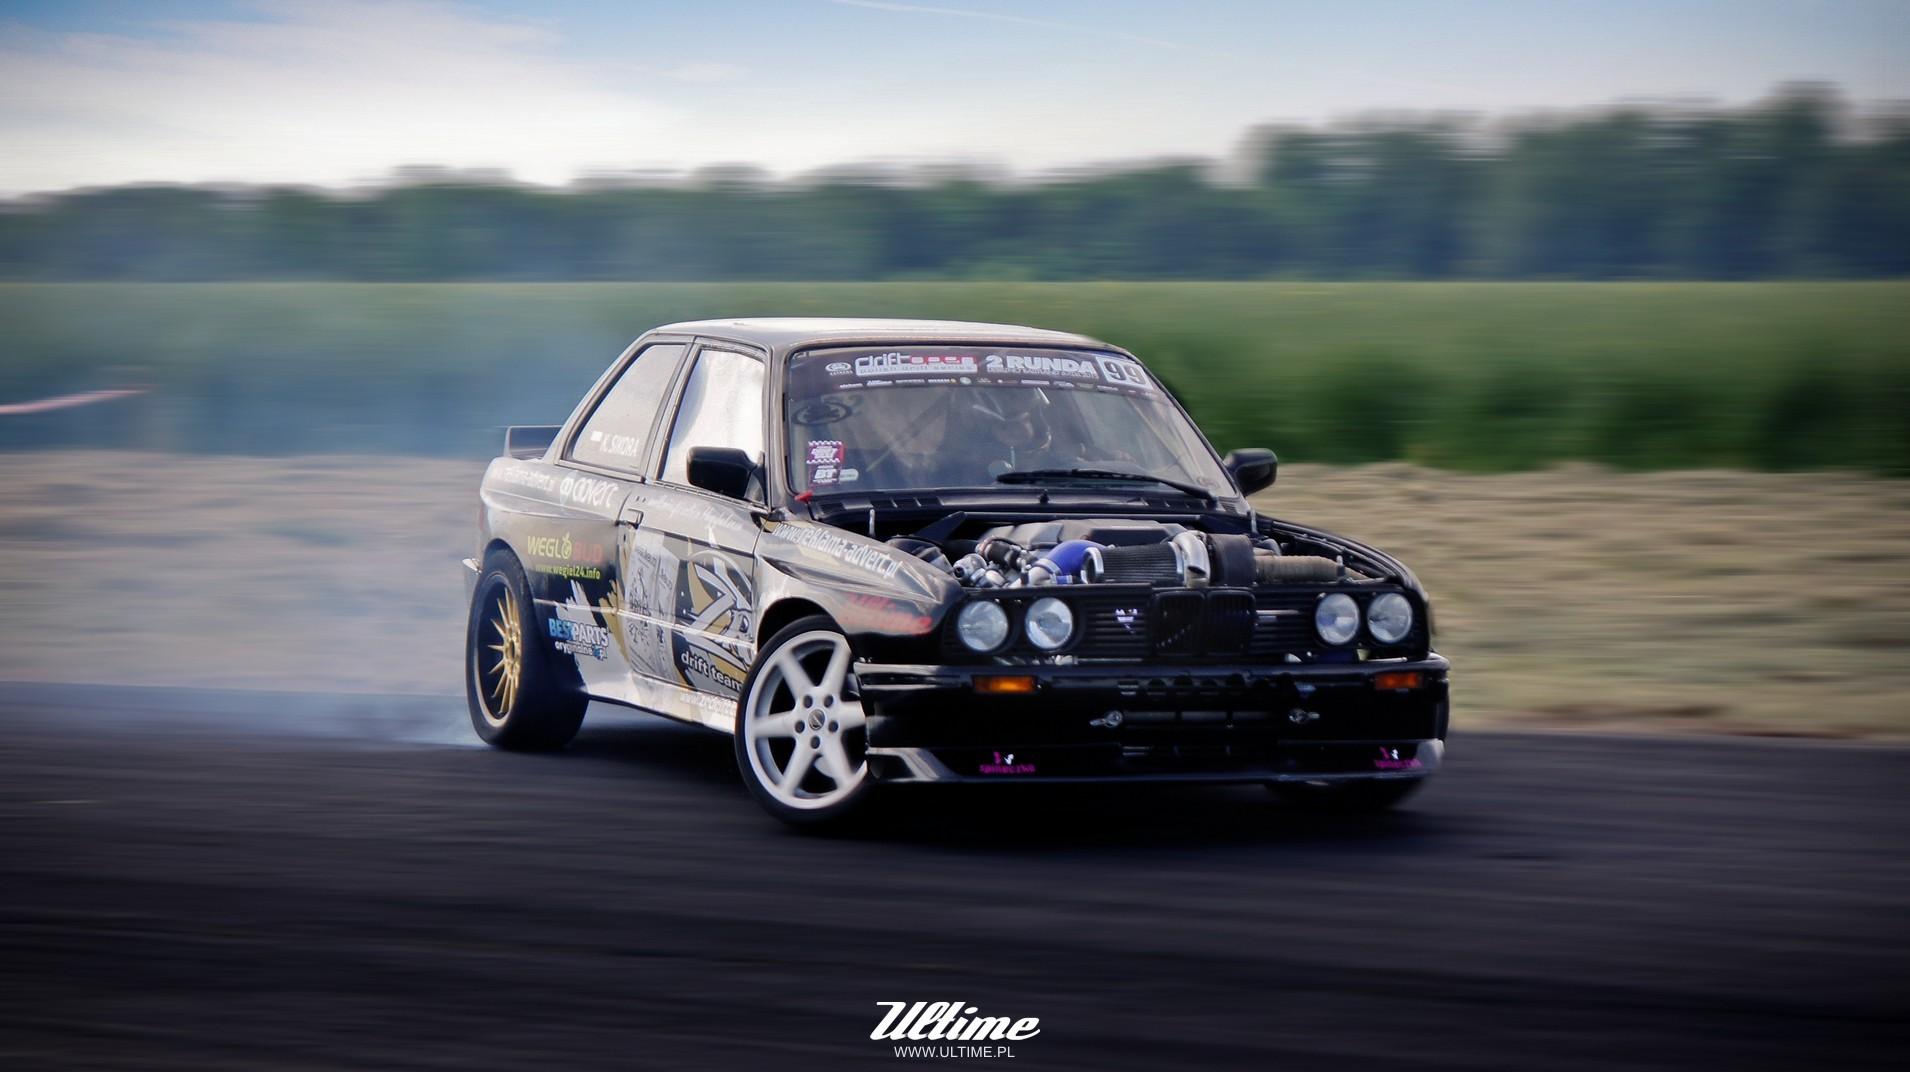 Złotko Sikora - ZR Drift Team